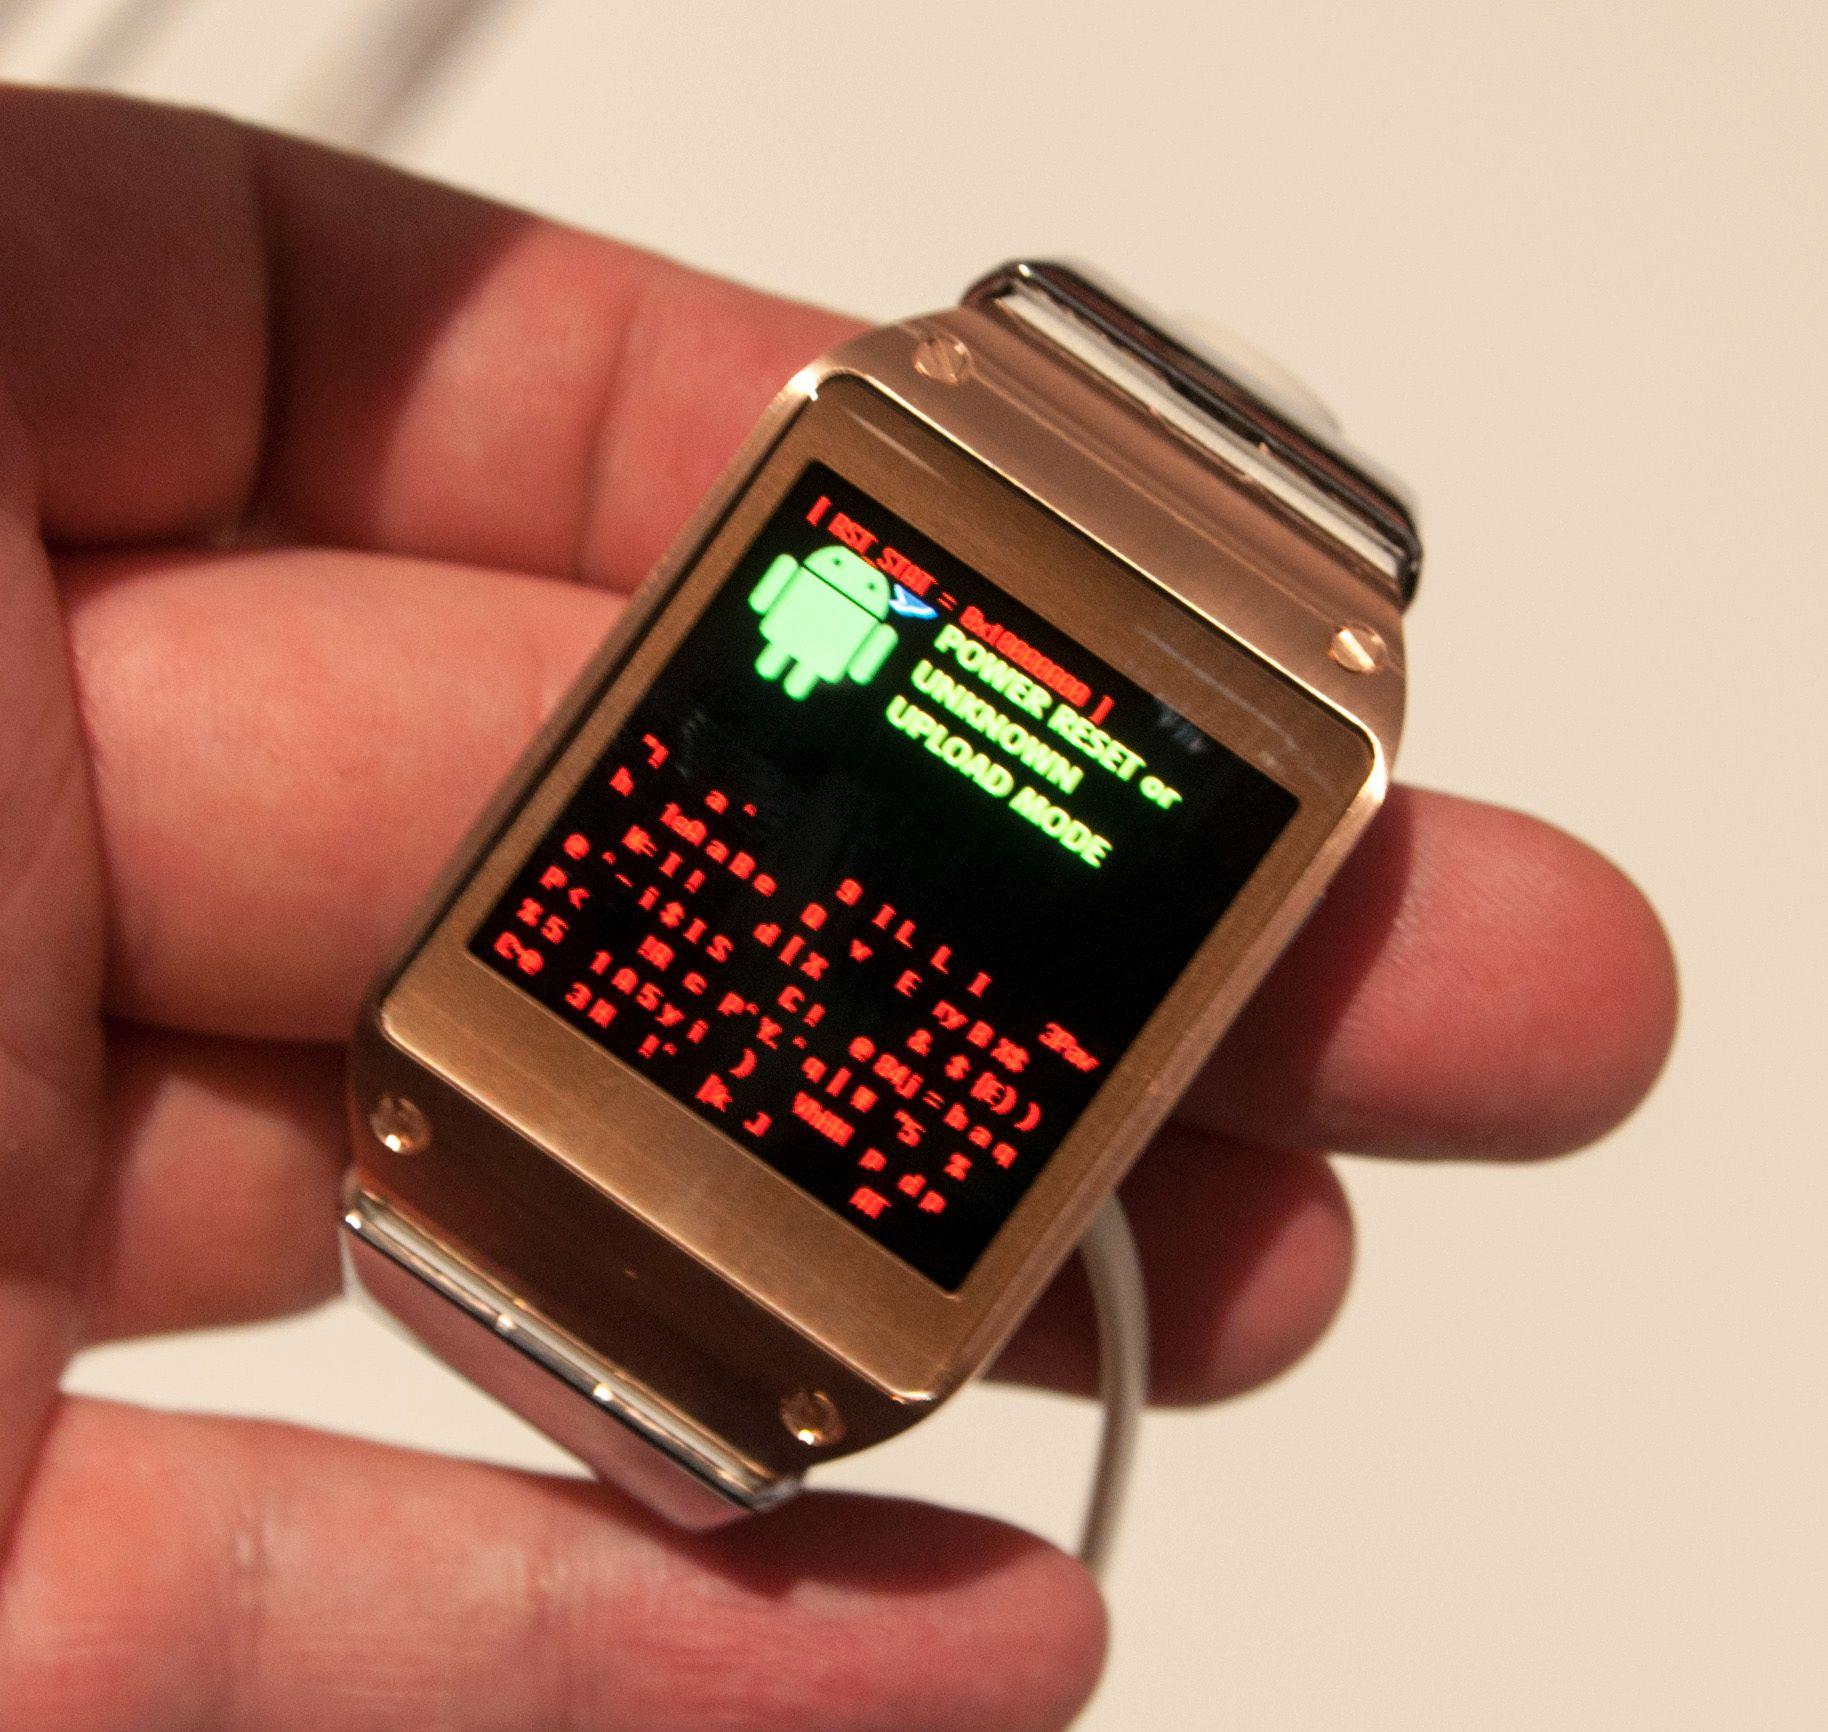 Men på lanseringskvelden kjørte Galaxy Gear tidlig programvare som ikke fungerte helt knirkefritt. Prisen er også forholdsvis høy.Foto: Finn Jarle Kvalheim, Amobil.no